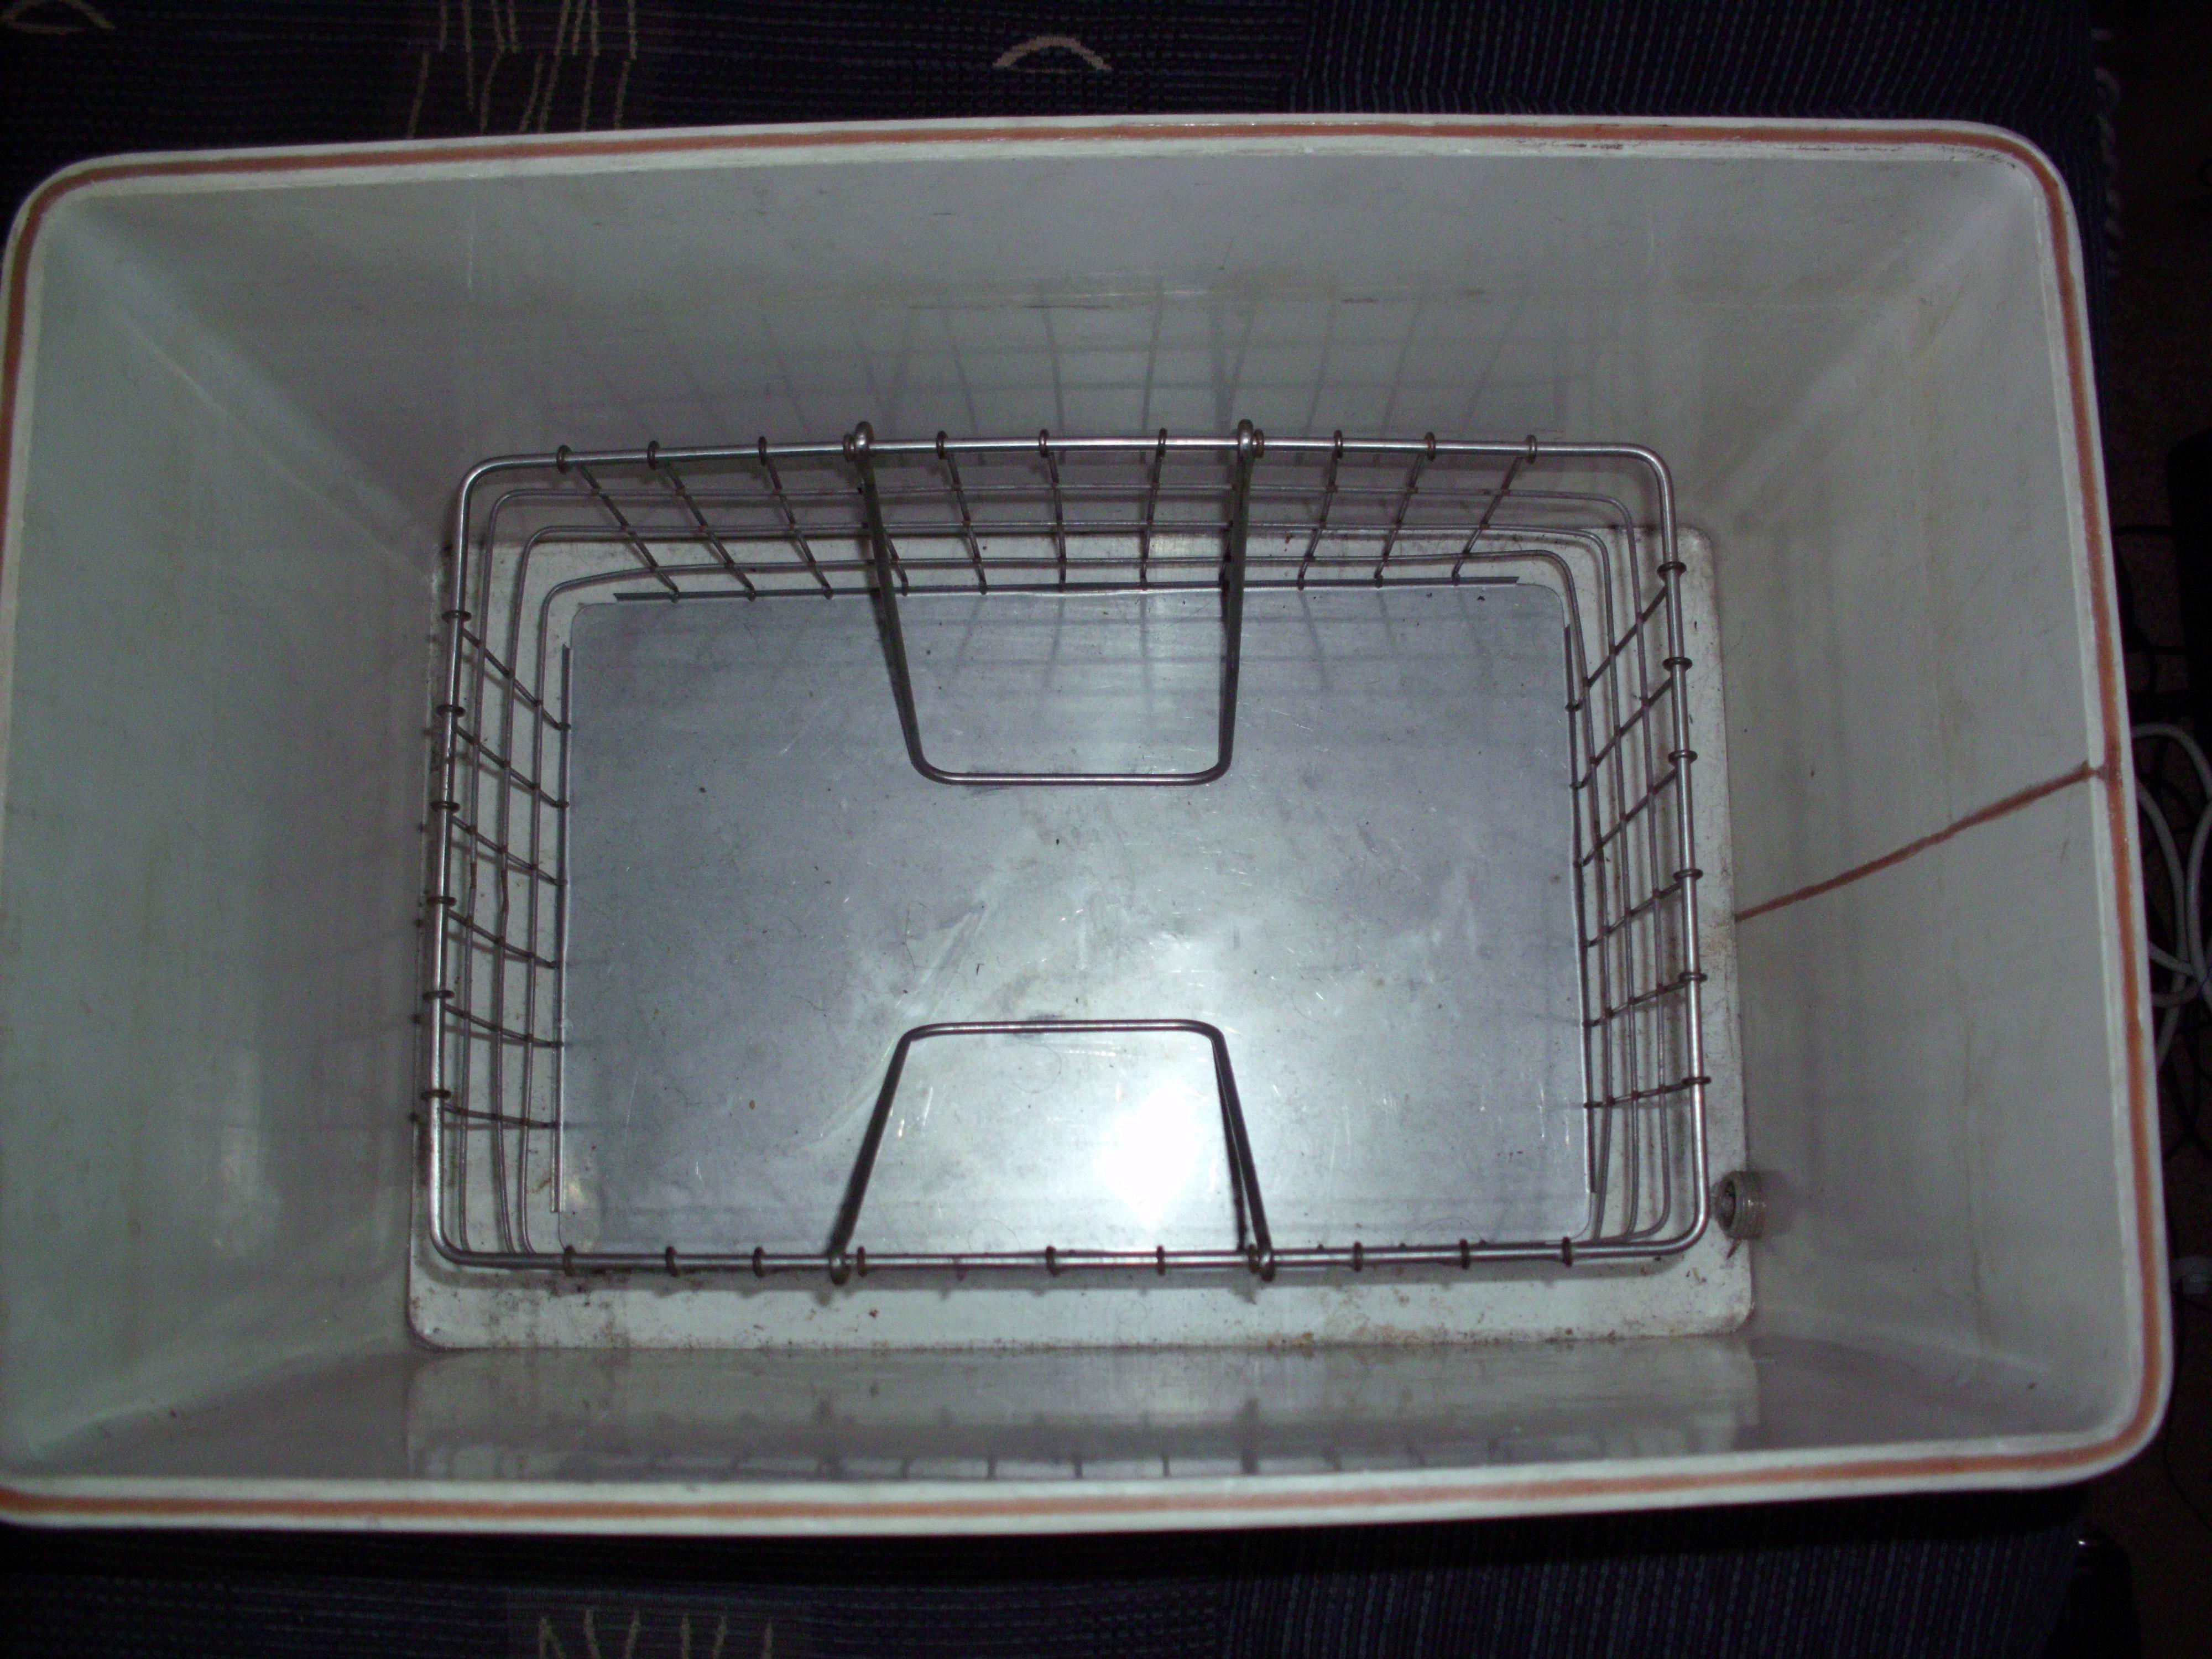 Myjka ultrad�wi�kowa - jakie zasilanie?